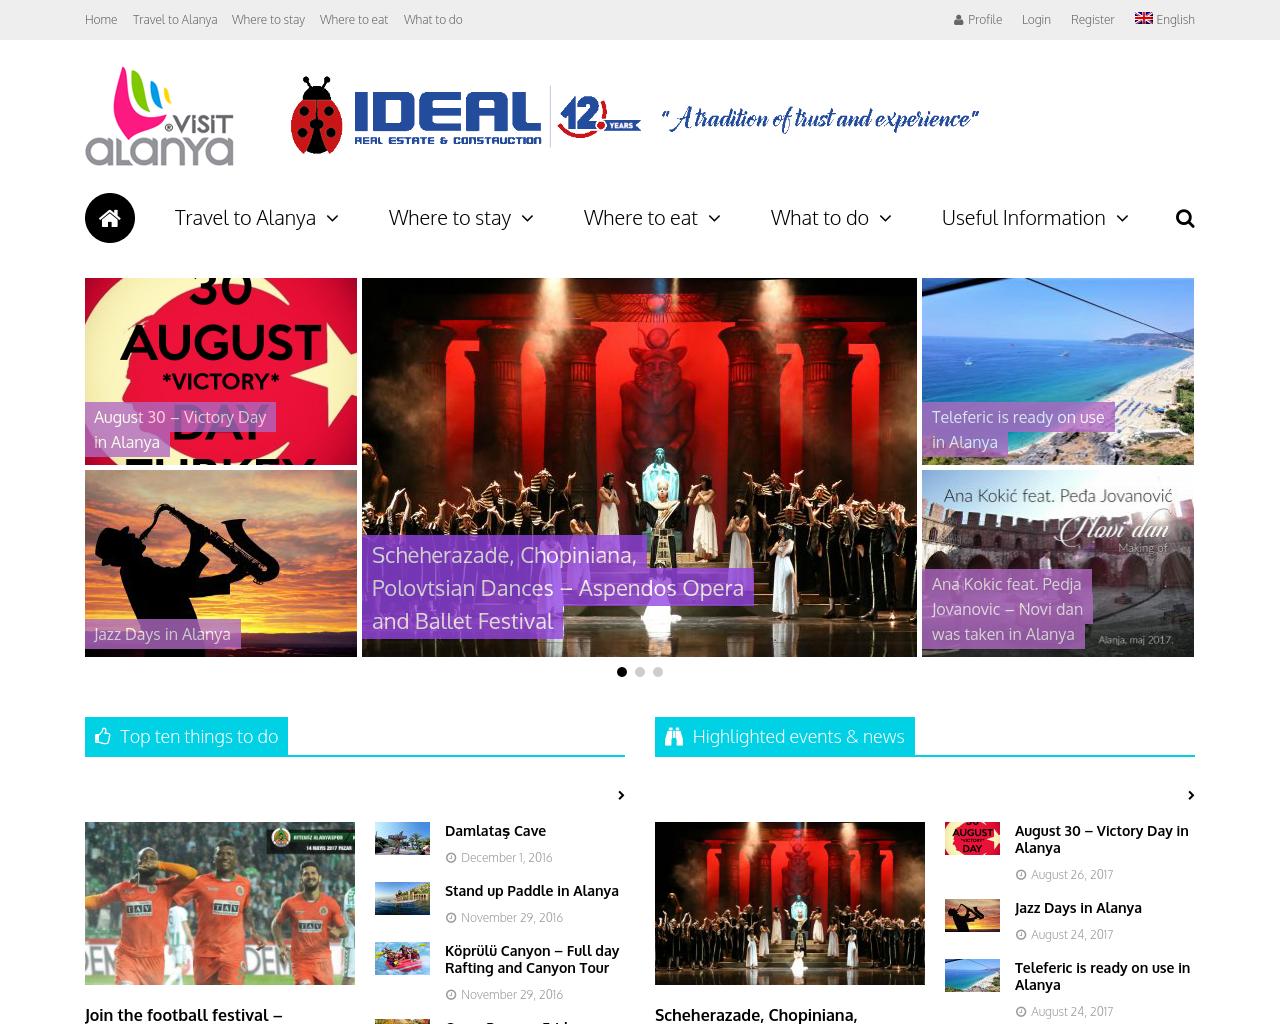 Alanya-Holiday-Information-Portal-Advertising-Reviews-Pricing